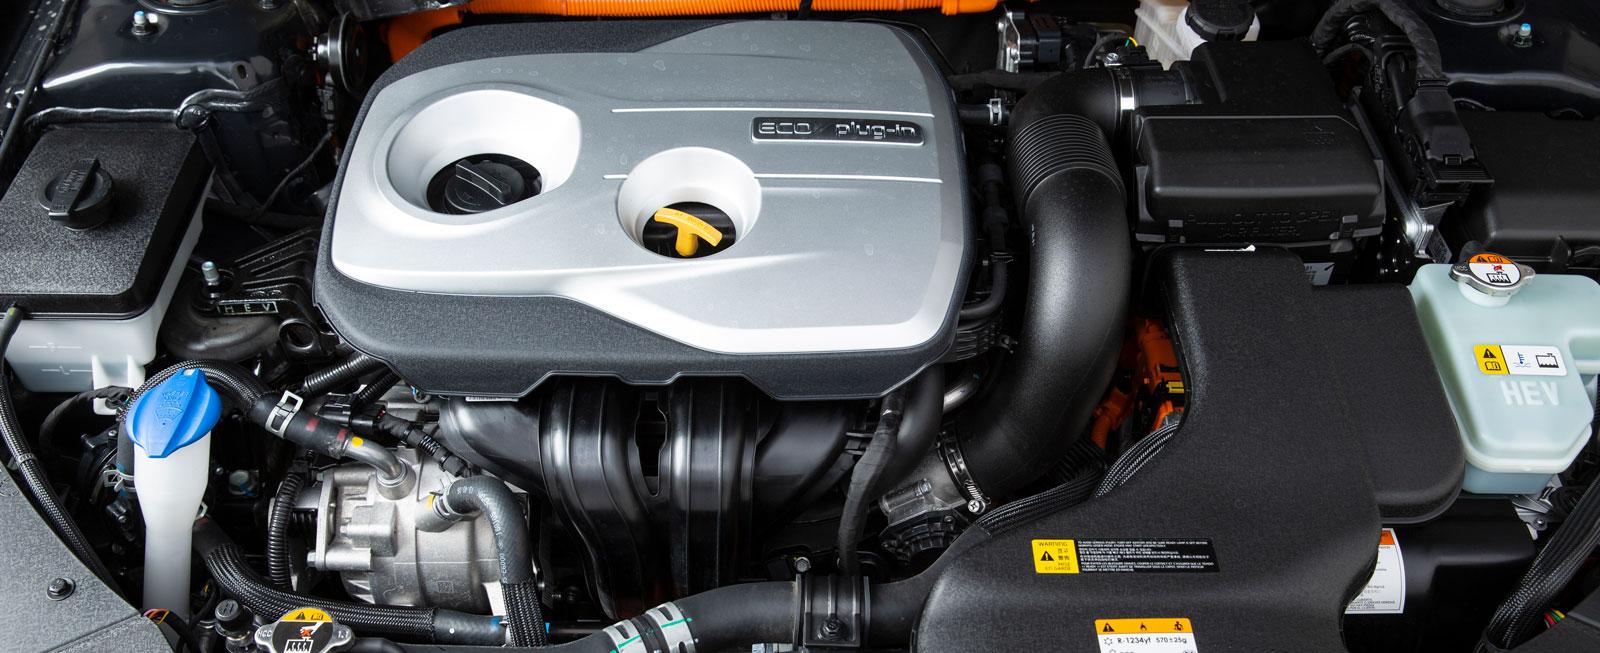 Drivningen fungerar smidigt men det märks att elmotorn är klenare än i Passat (67 hk mot 115) – bensinmotorn måste oftare gå in och stötta.